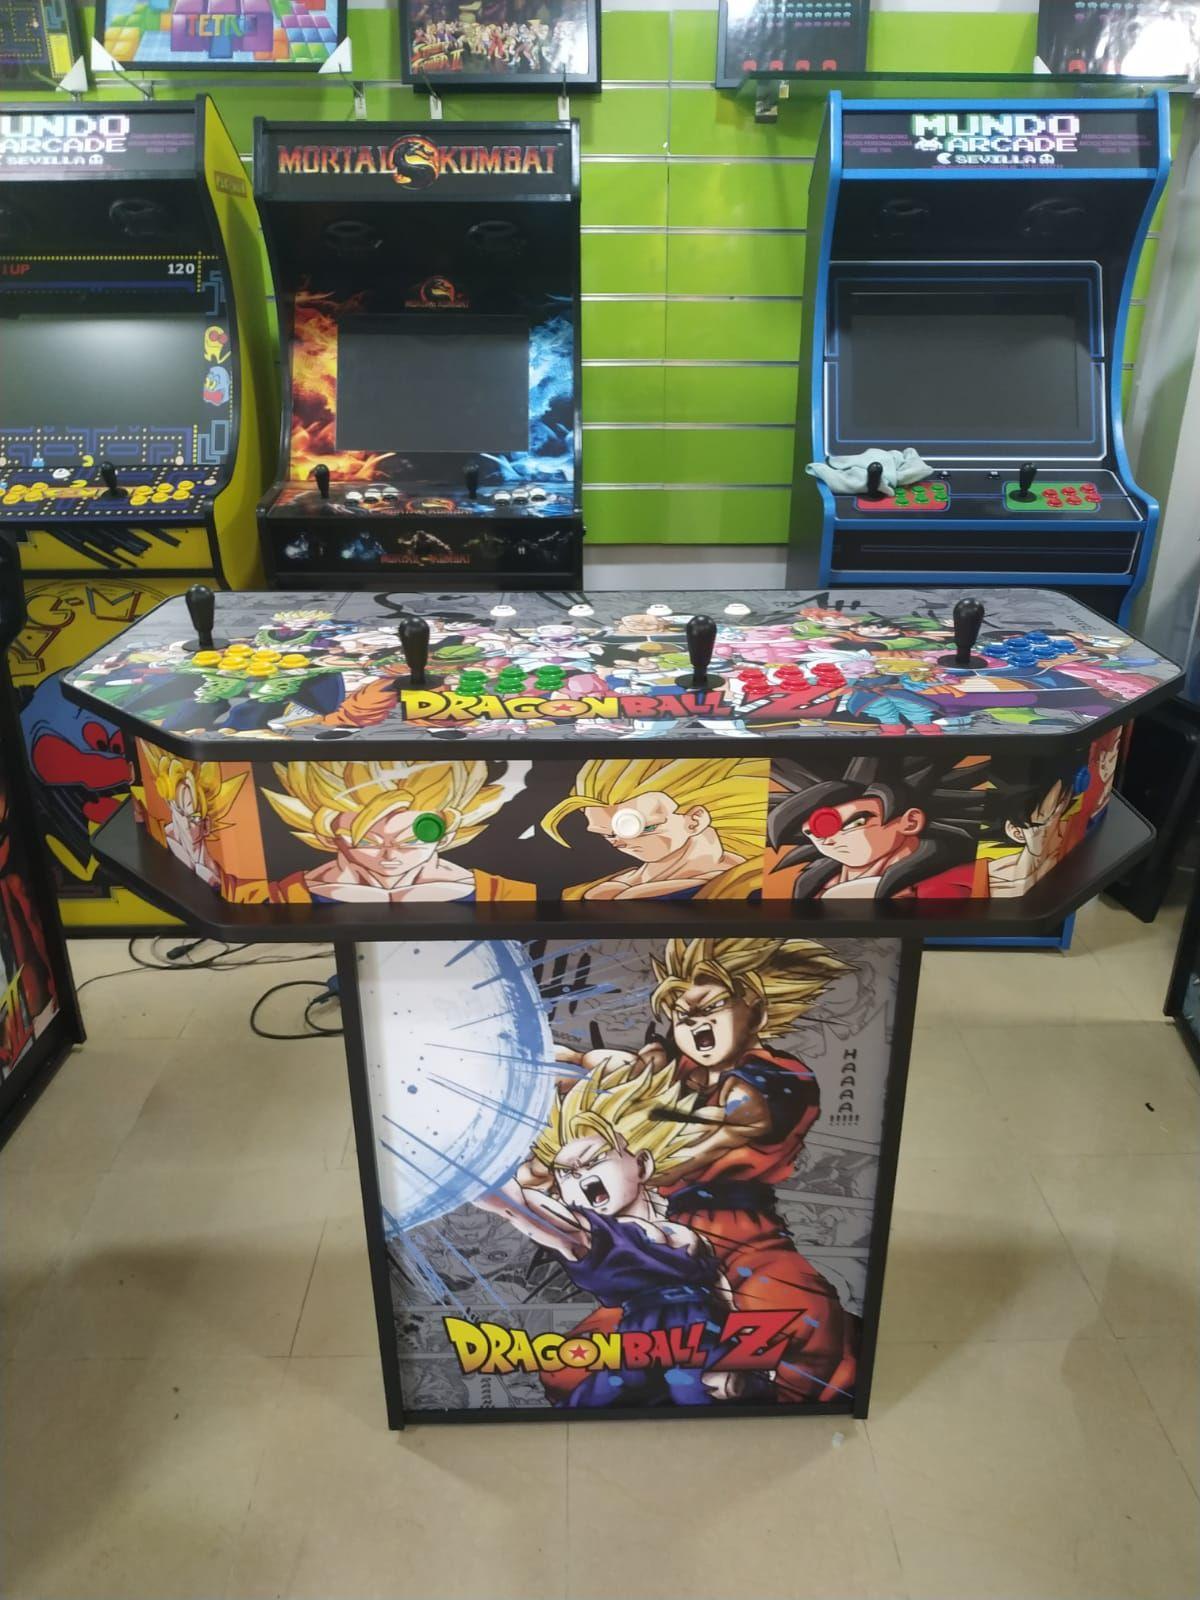 Catalogo Completo: Maquinas Recreativas/Pinball de Mundo Arcade Sevilla